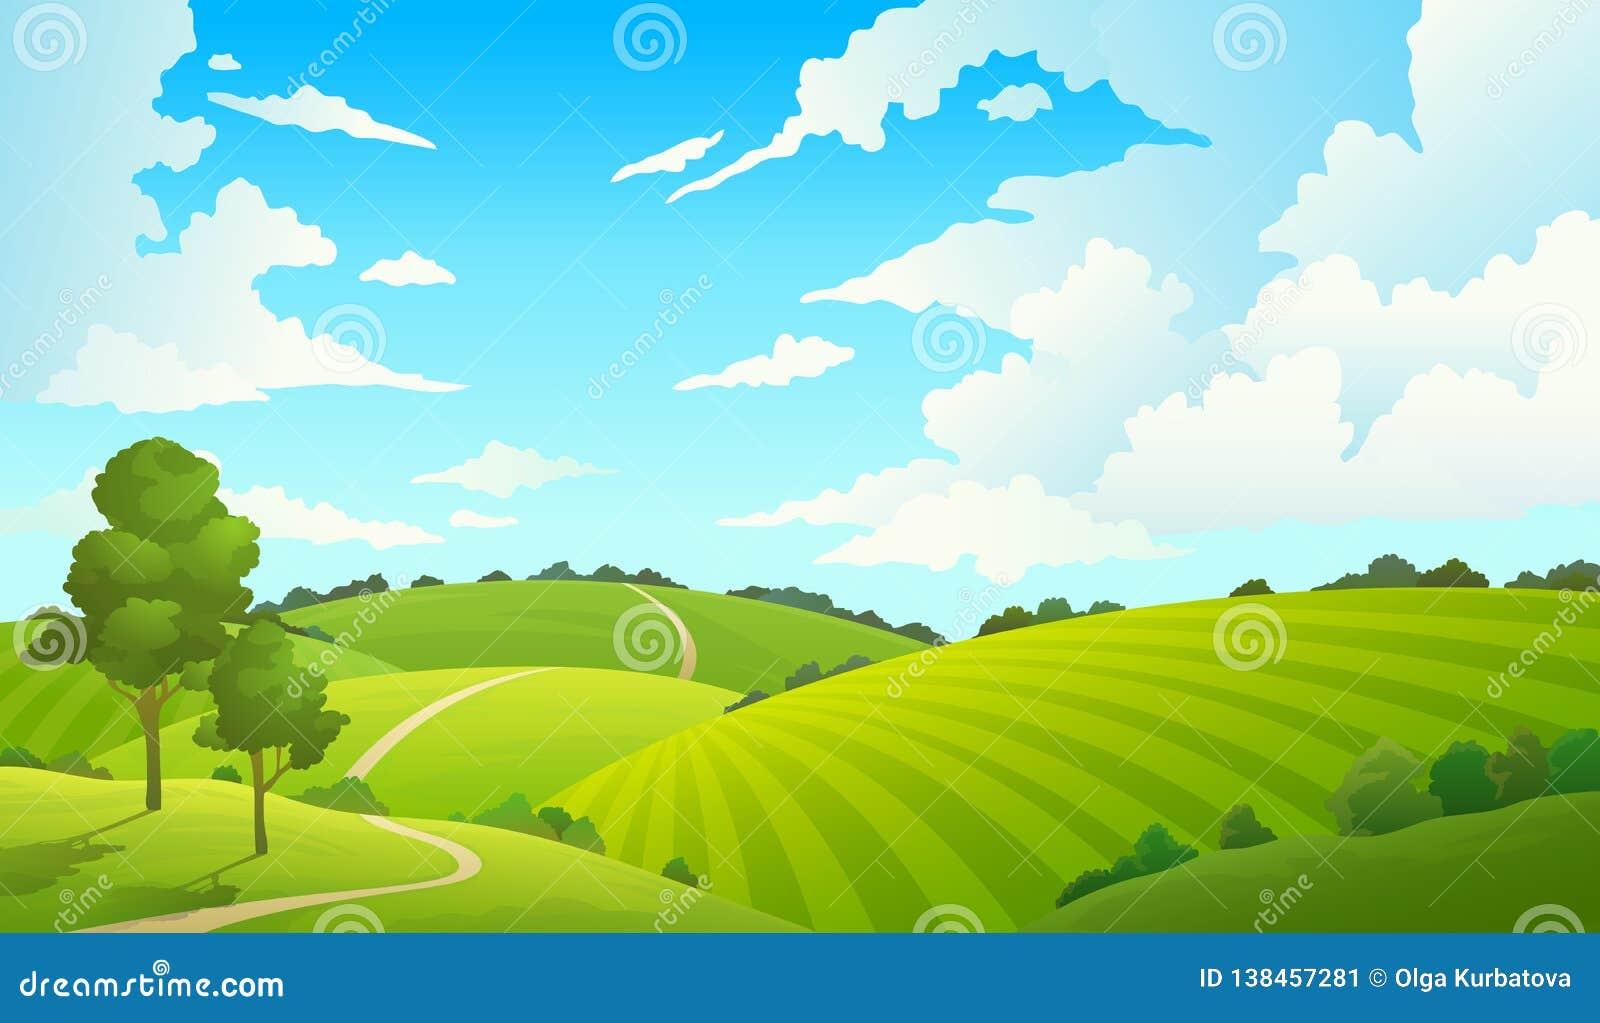 Summer Field Landscape. Nature Hills Fields Blue Sky